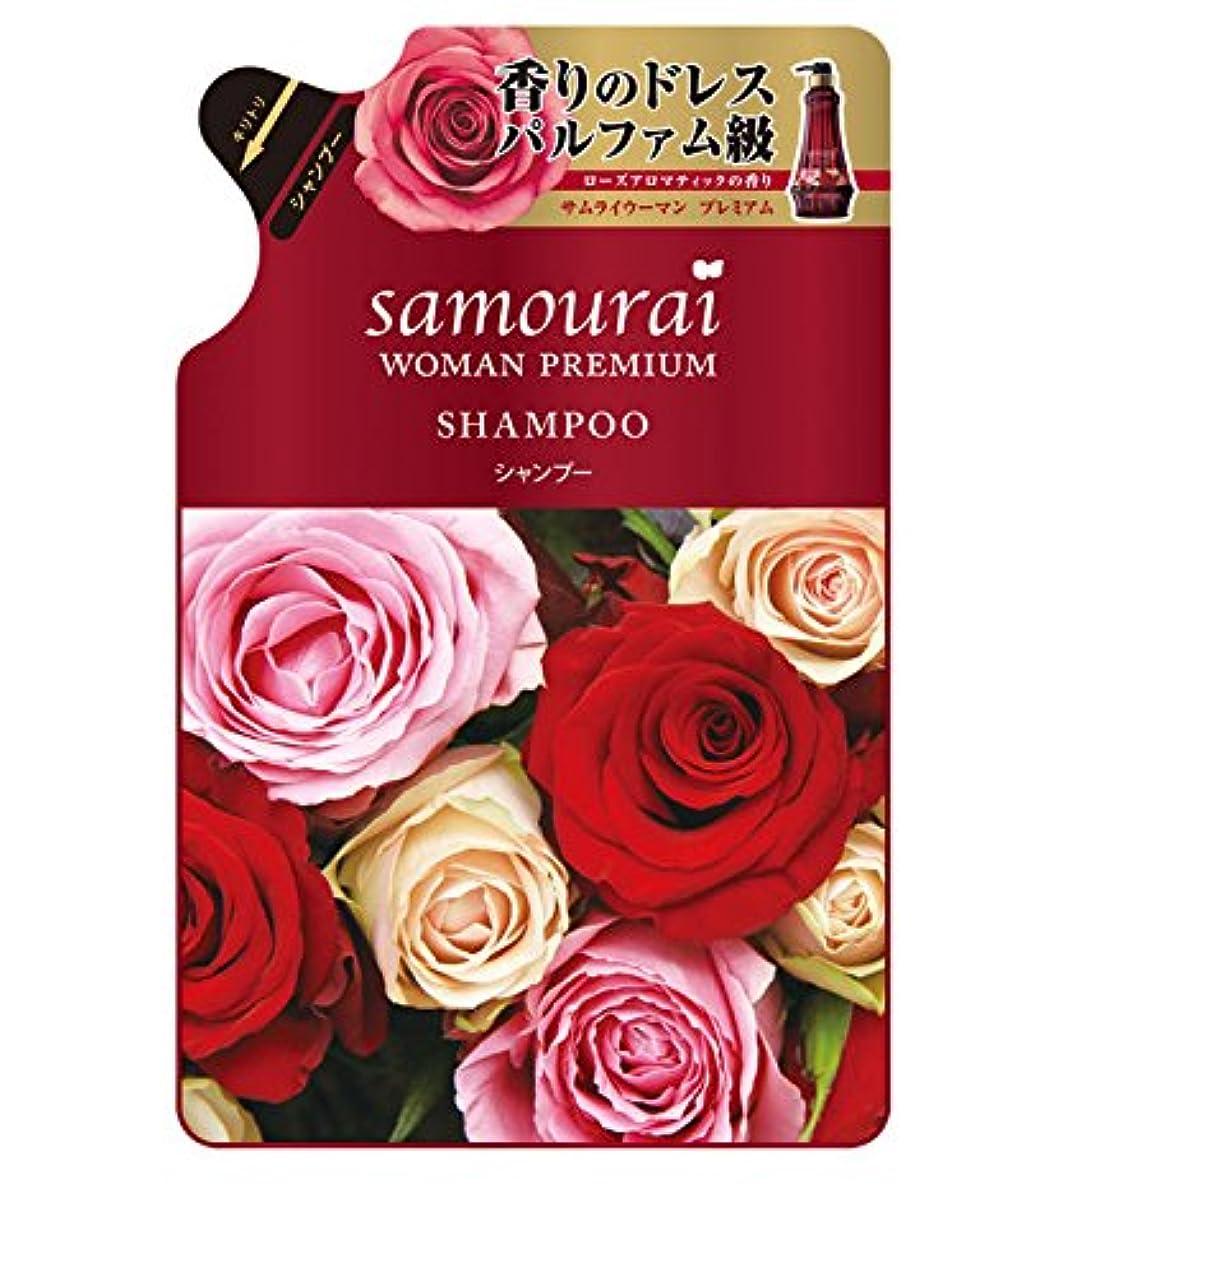 努力する大きさ六月Samourai woman(サムライウーマン) サムライウーマン プレミアム シャンプーつめかえ用 370mL